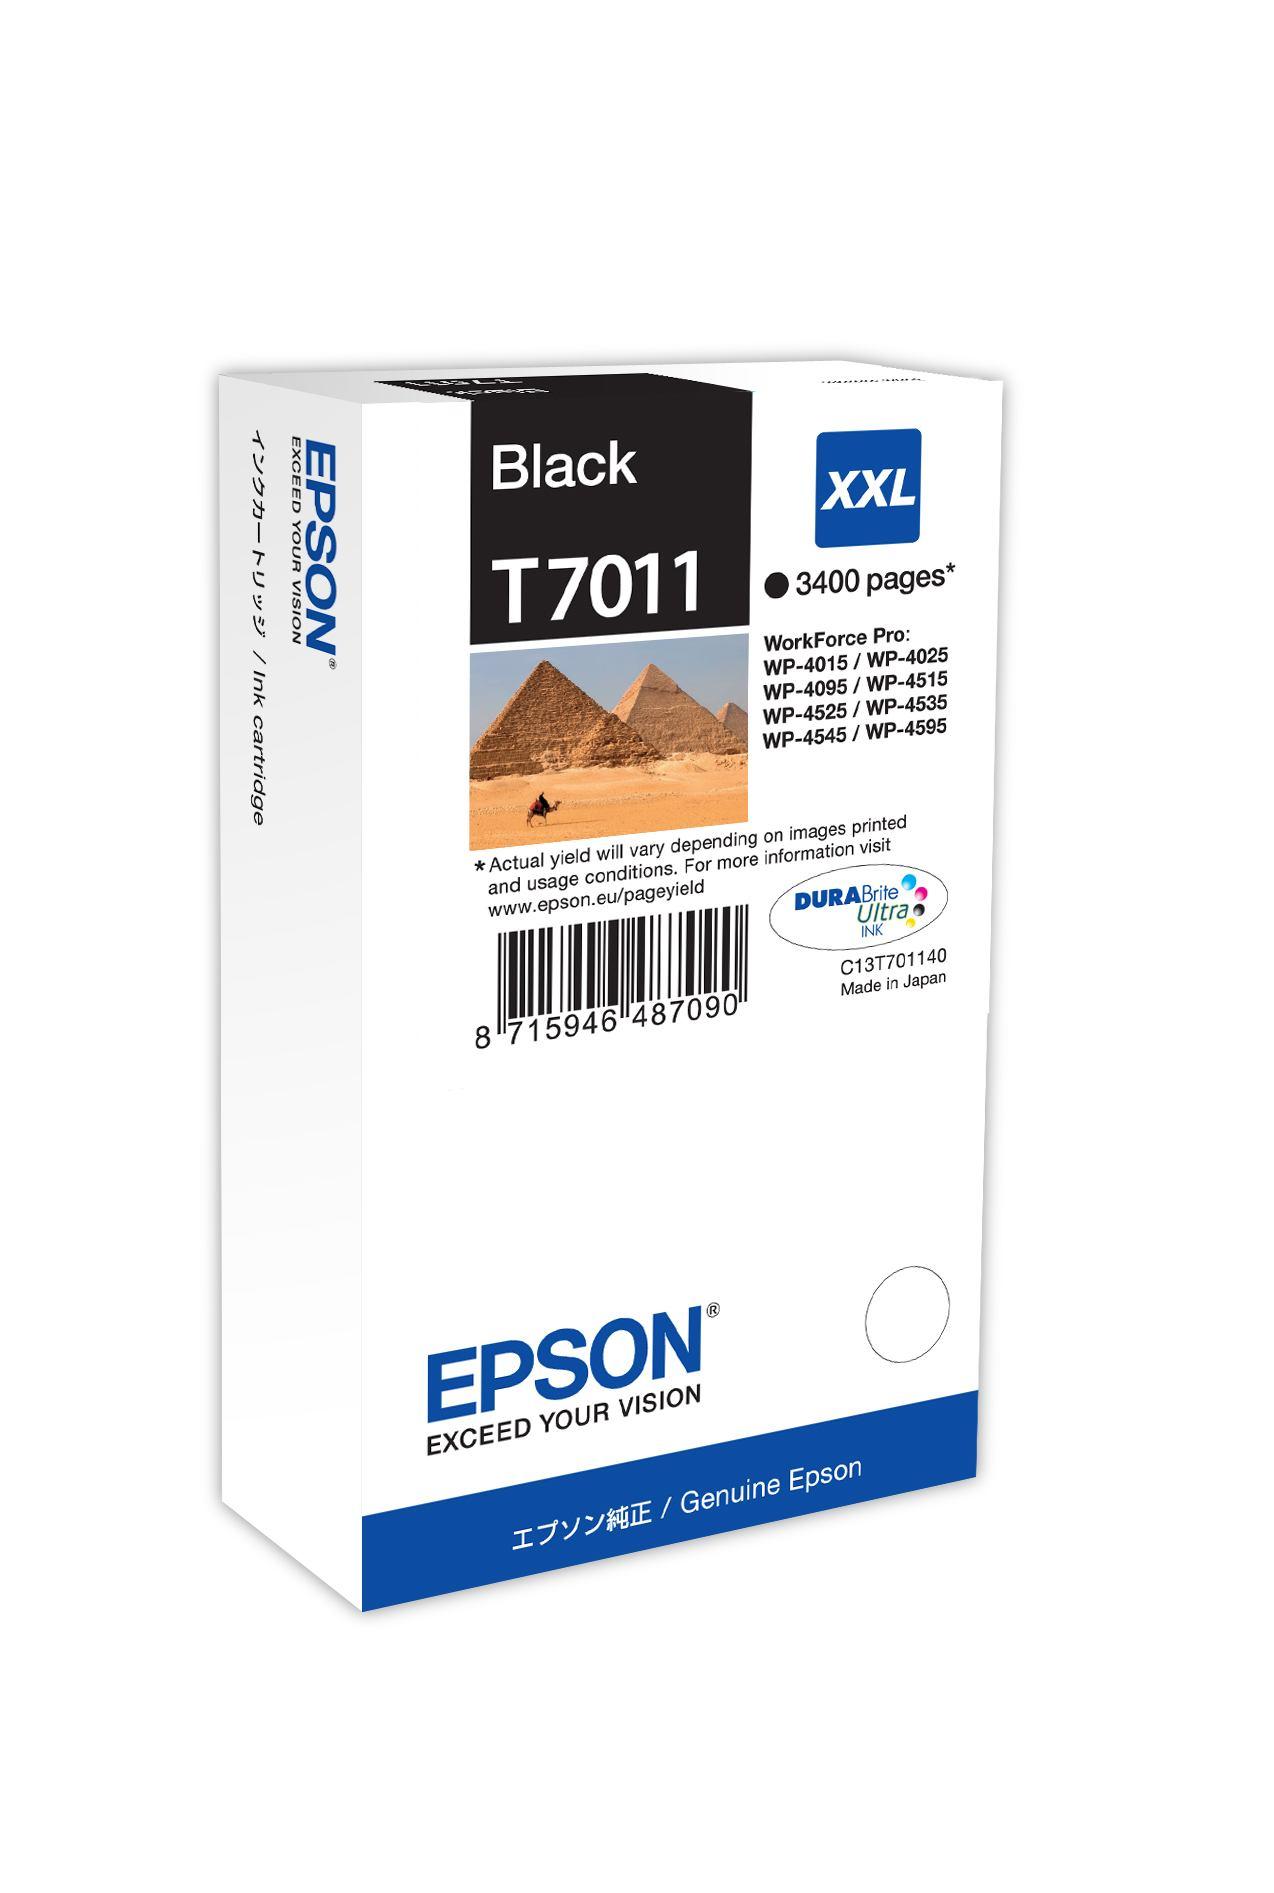 2022274-e-Tanica-Nero-e-WP4000-4500-Black-Ink-XXL-3-4K